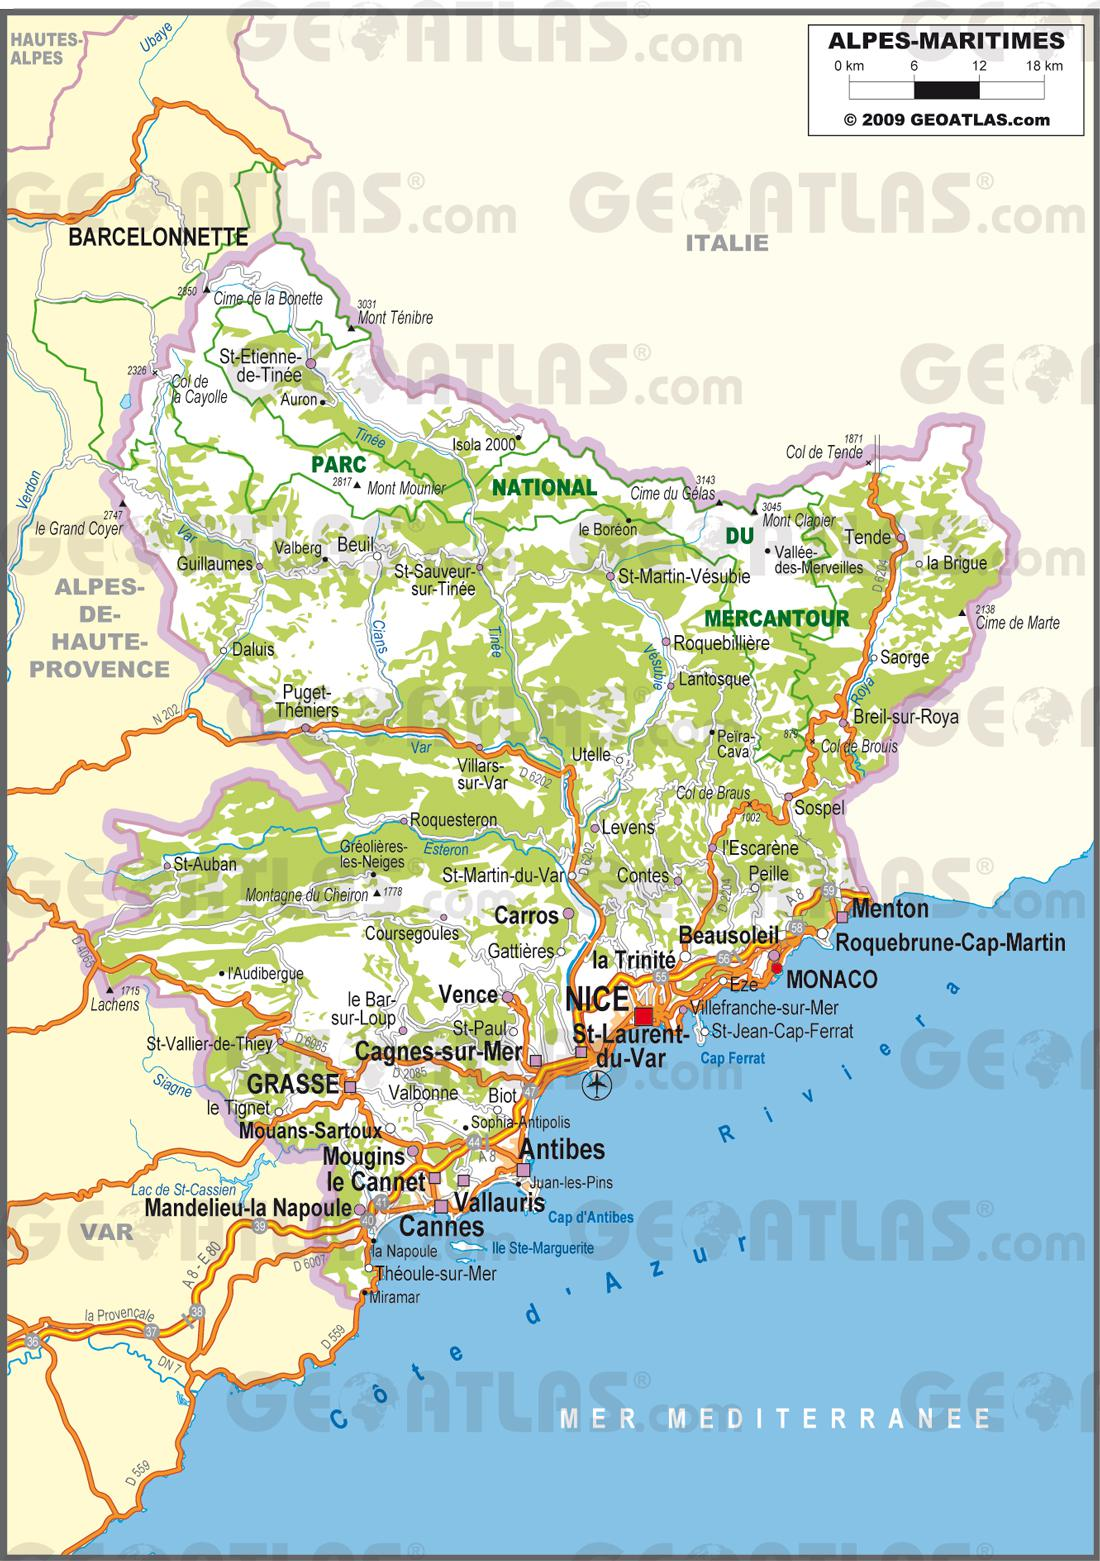 carte-des-alpes-maritimes